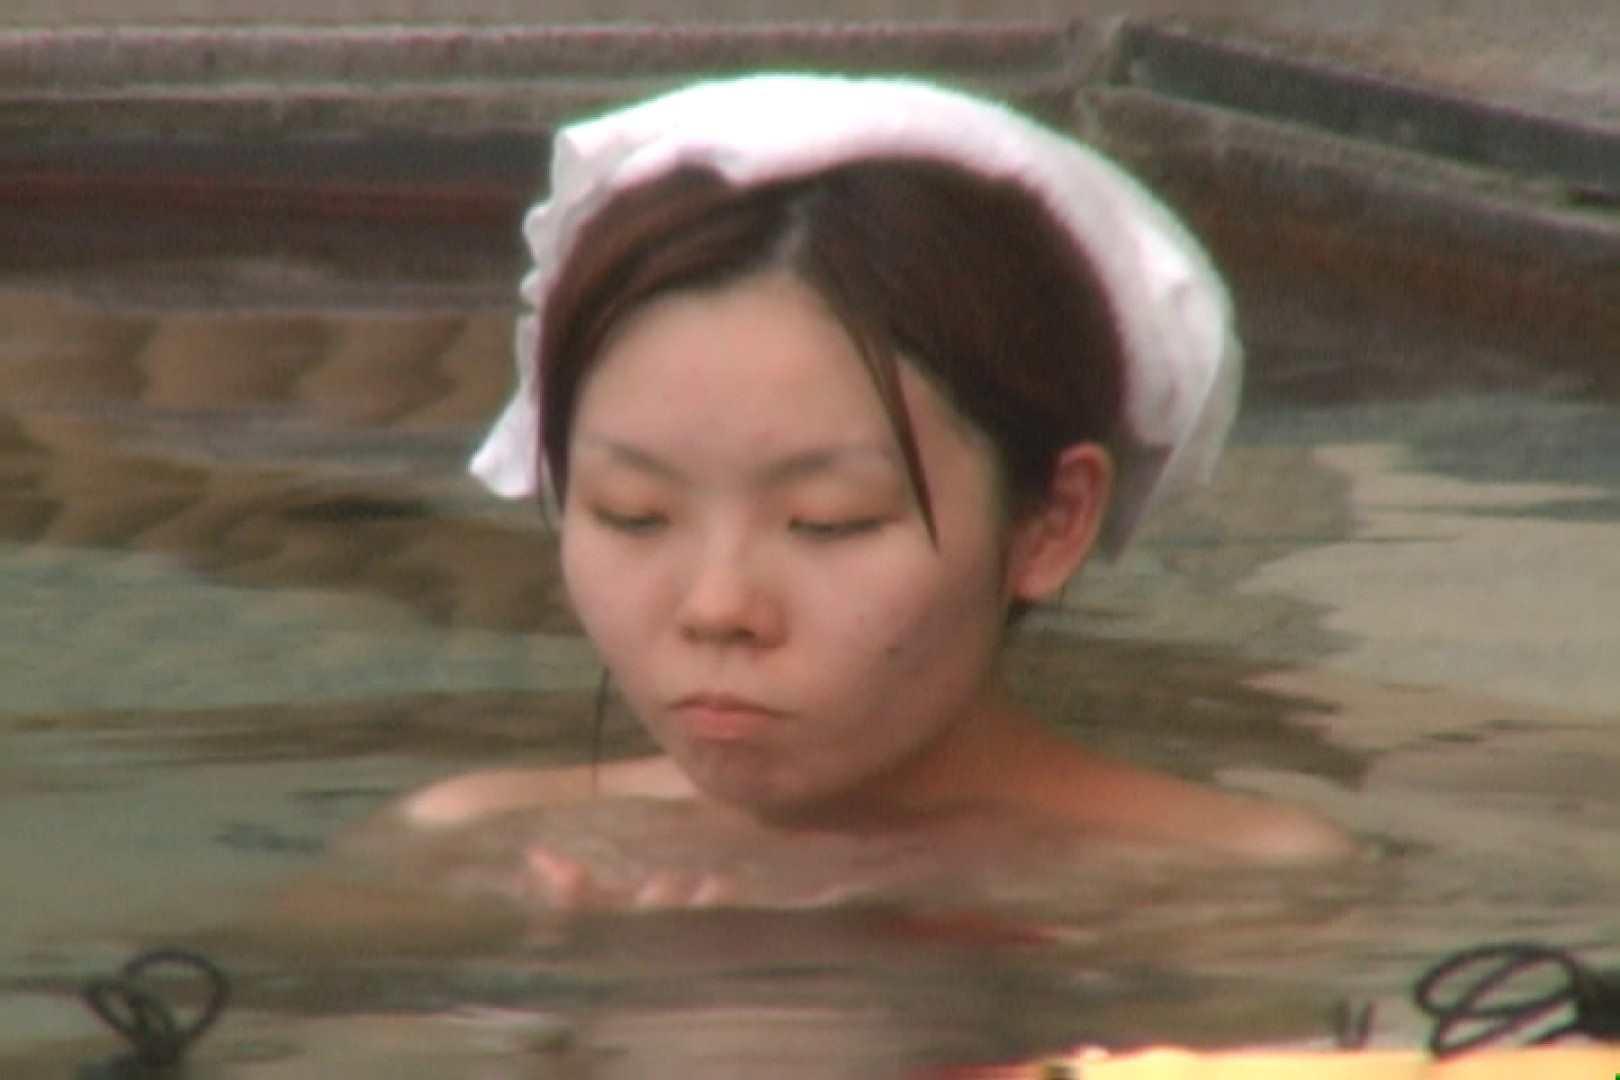 Aquaな露天風呂Vol.580 盗撮師作品 | 美しいOLの裸体  98pic 94